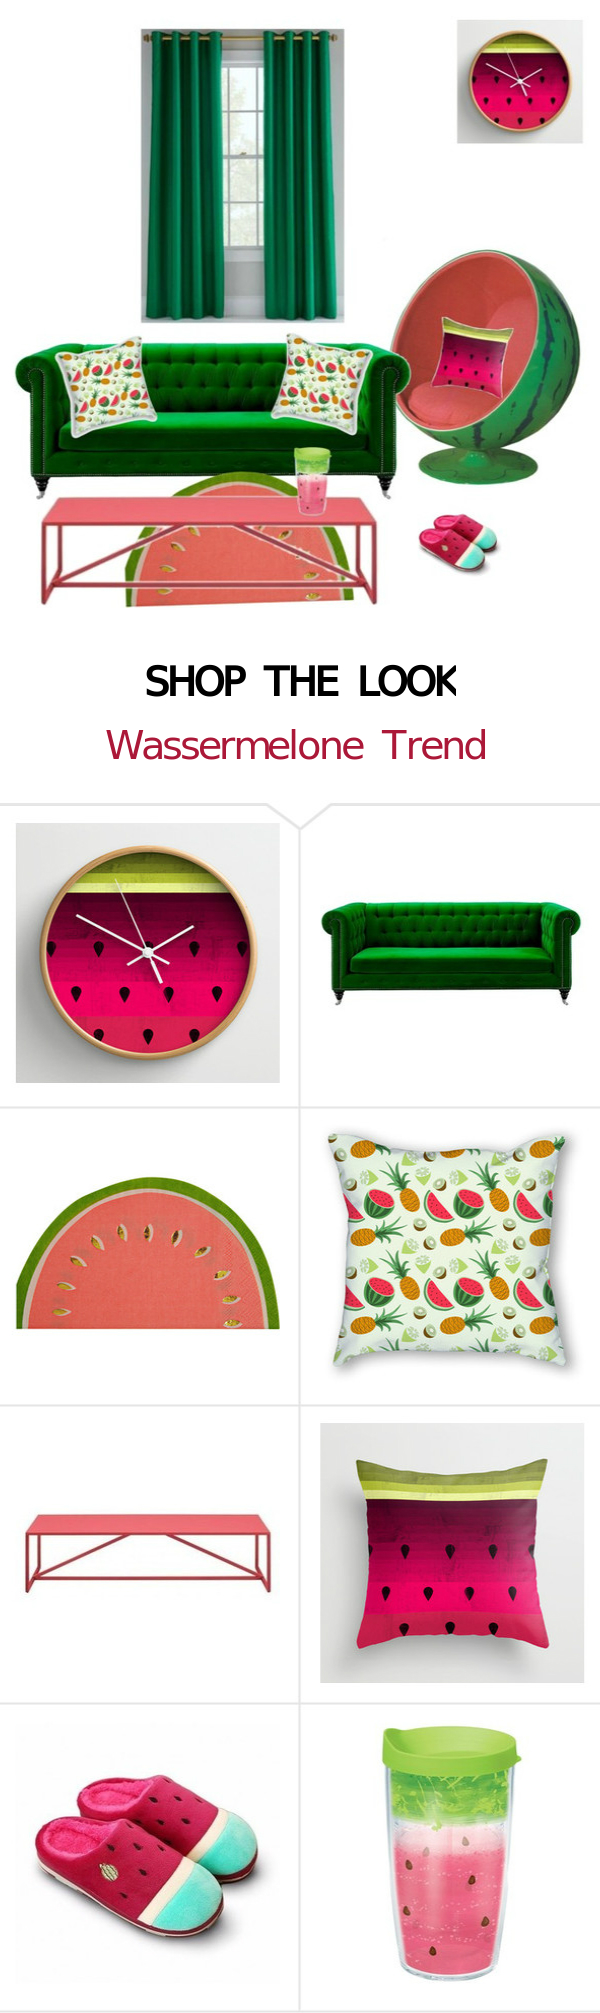 Shop the Look: Wohnungsideen mit Wassermelone